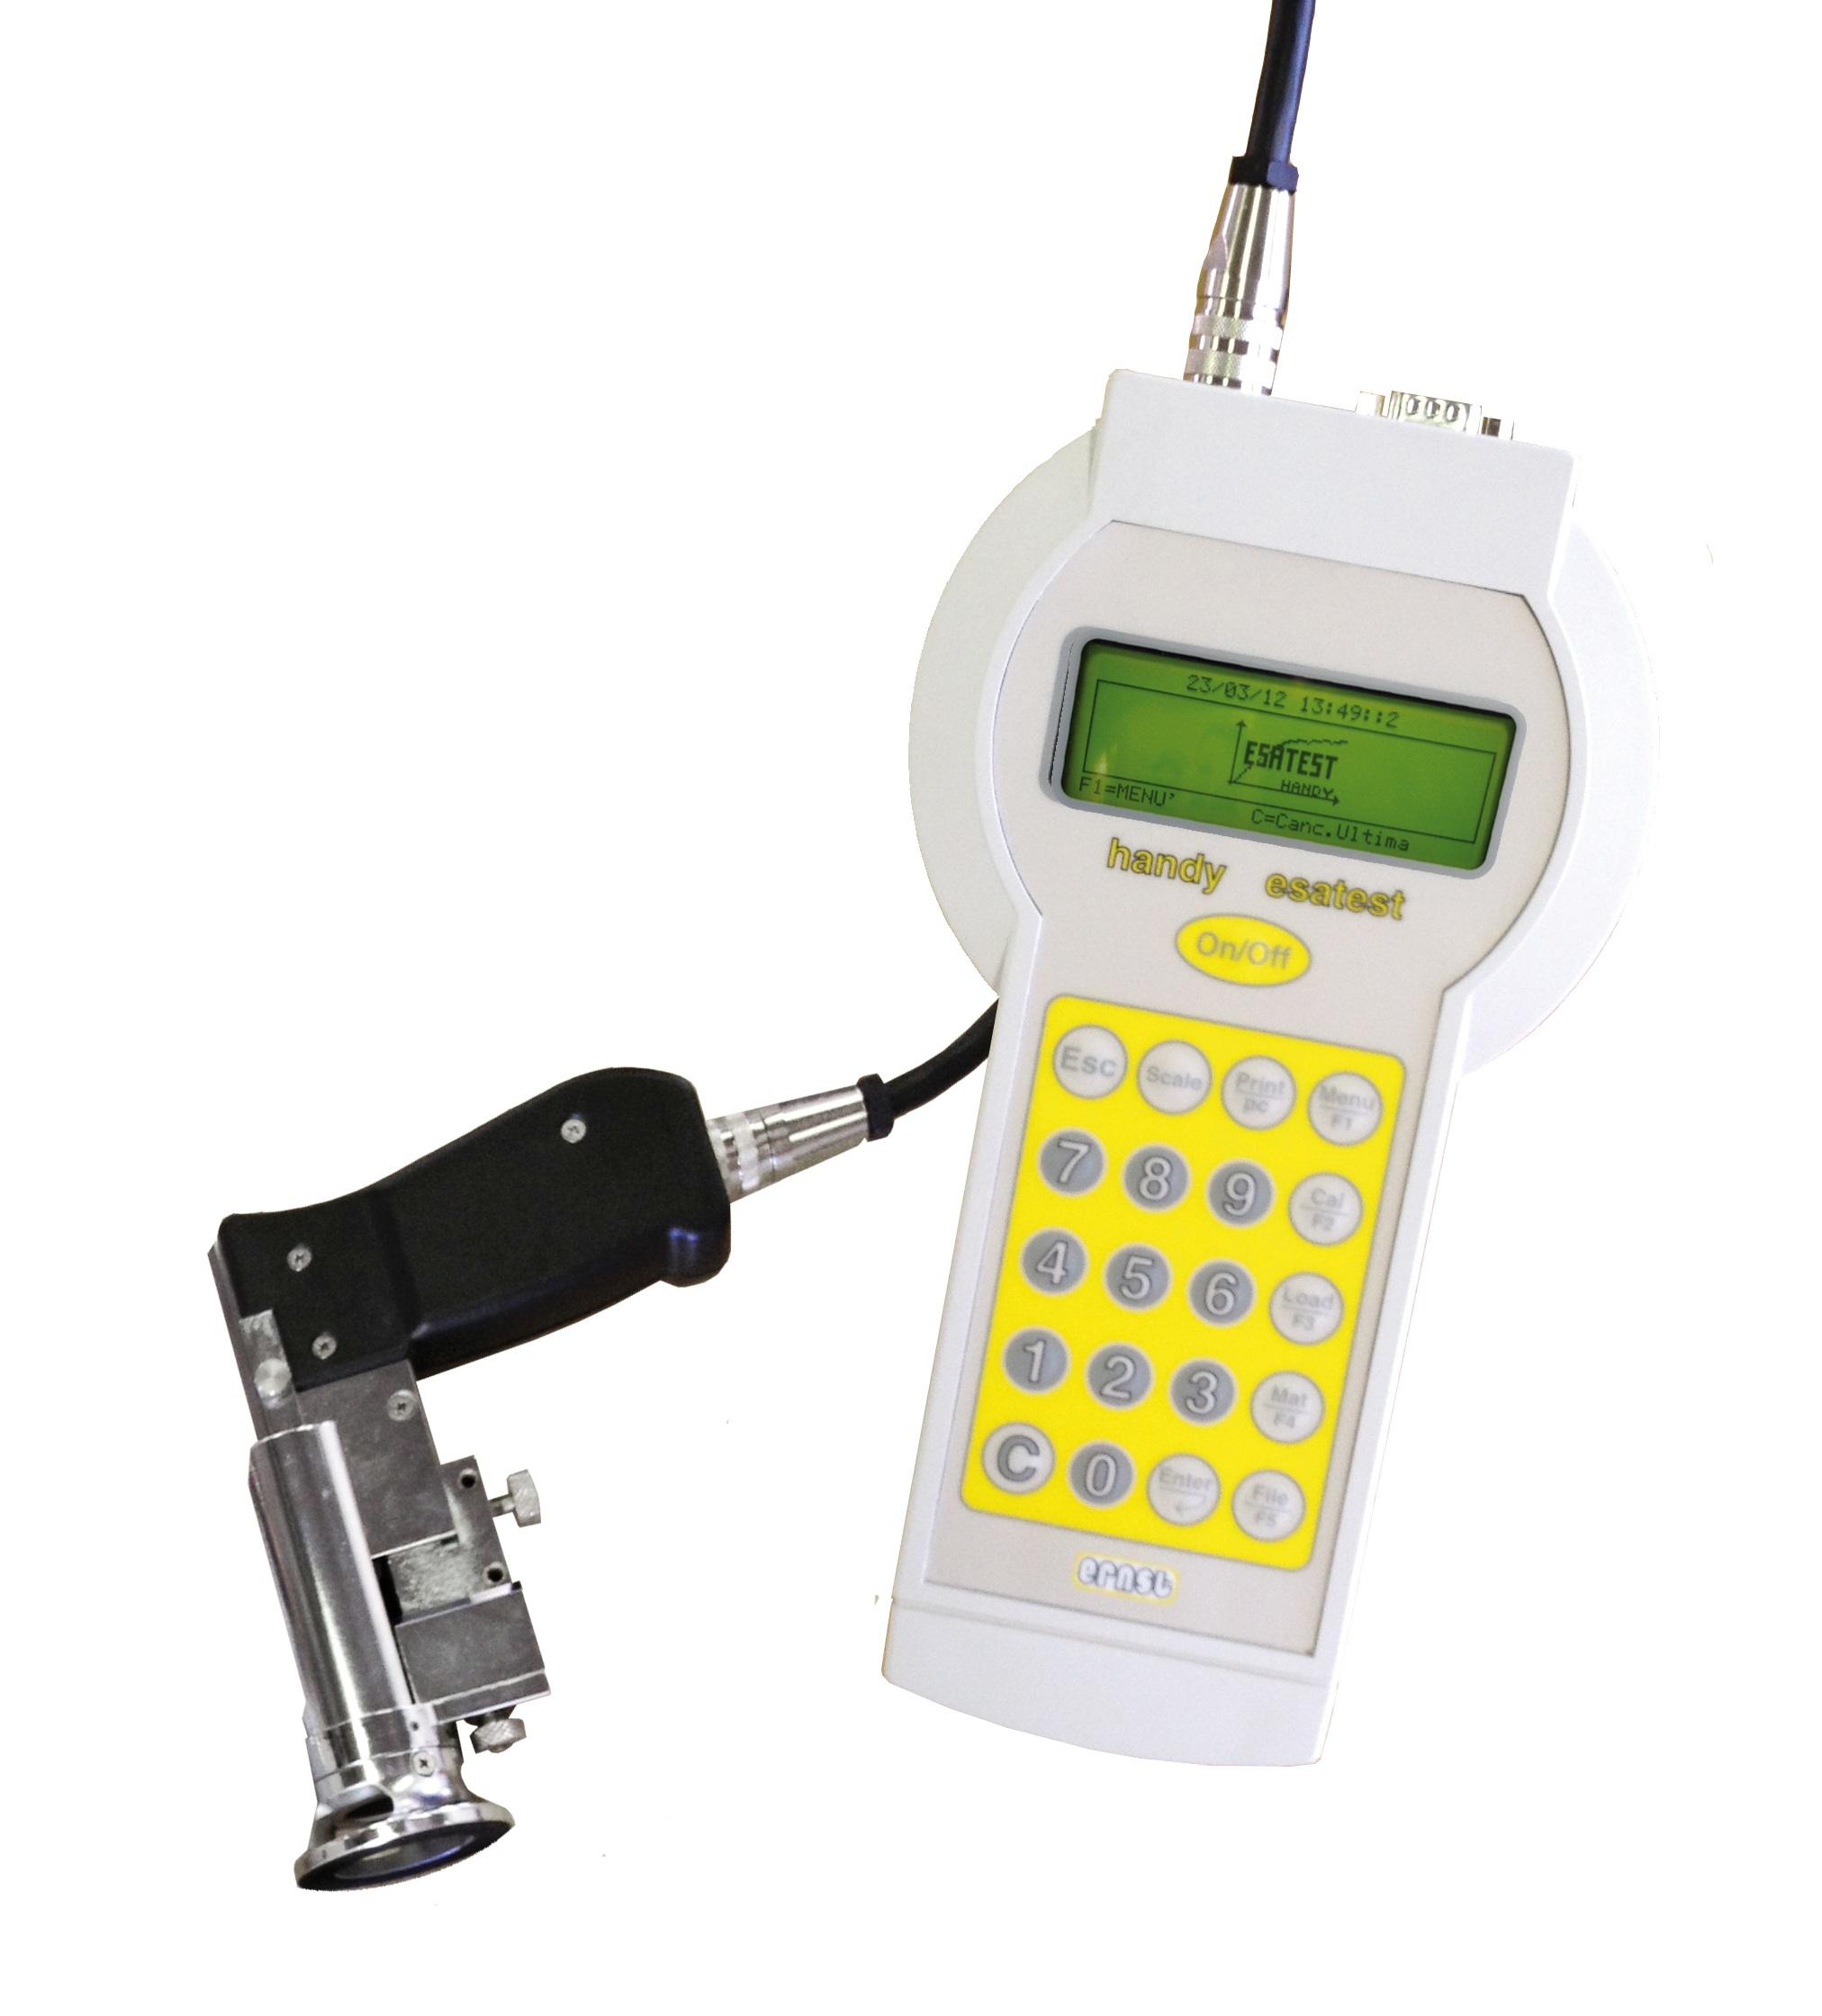 ERNST Handy Esatest X hordozható keménységmérő